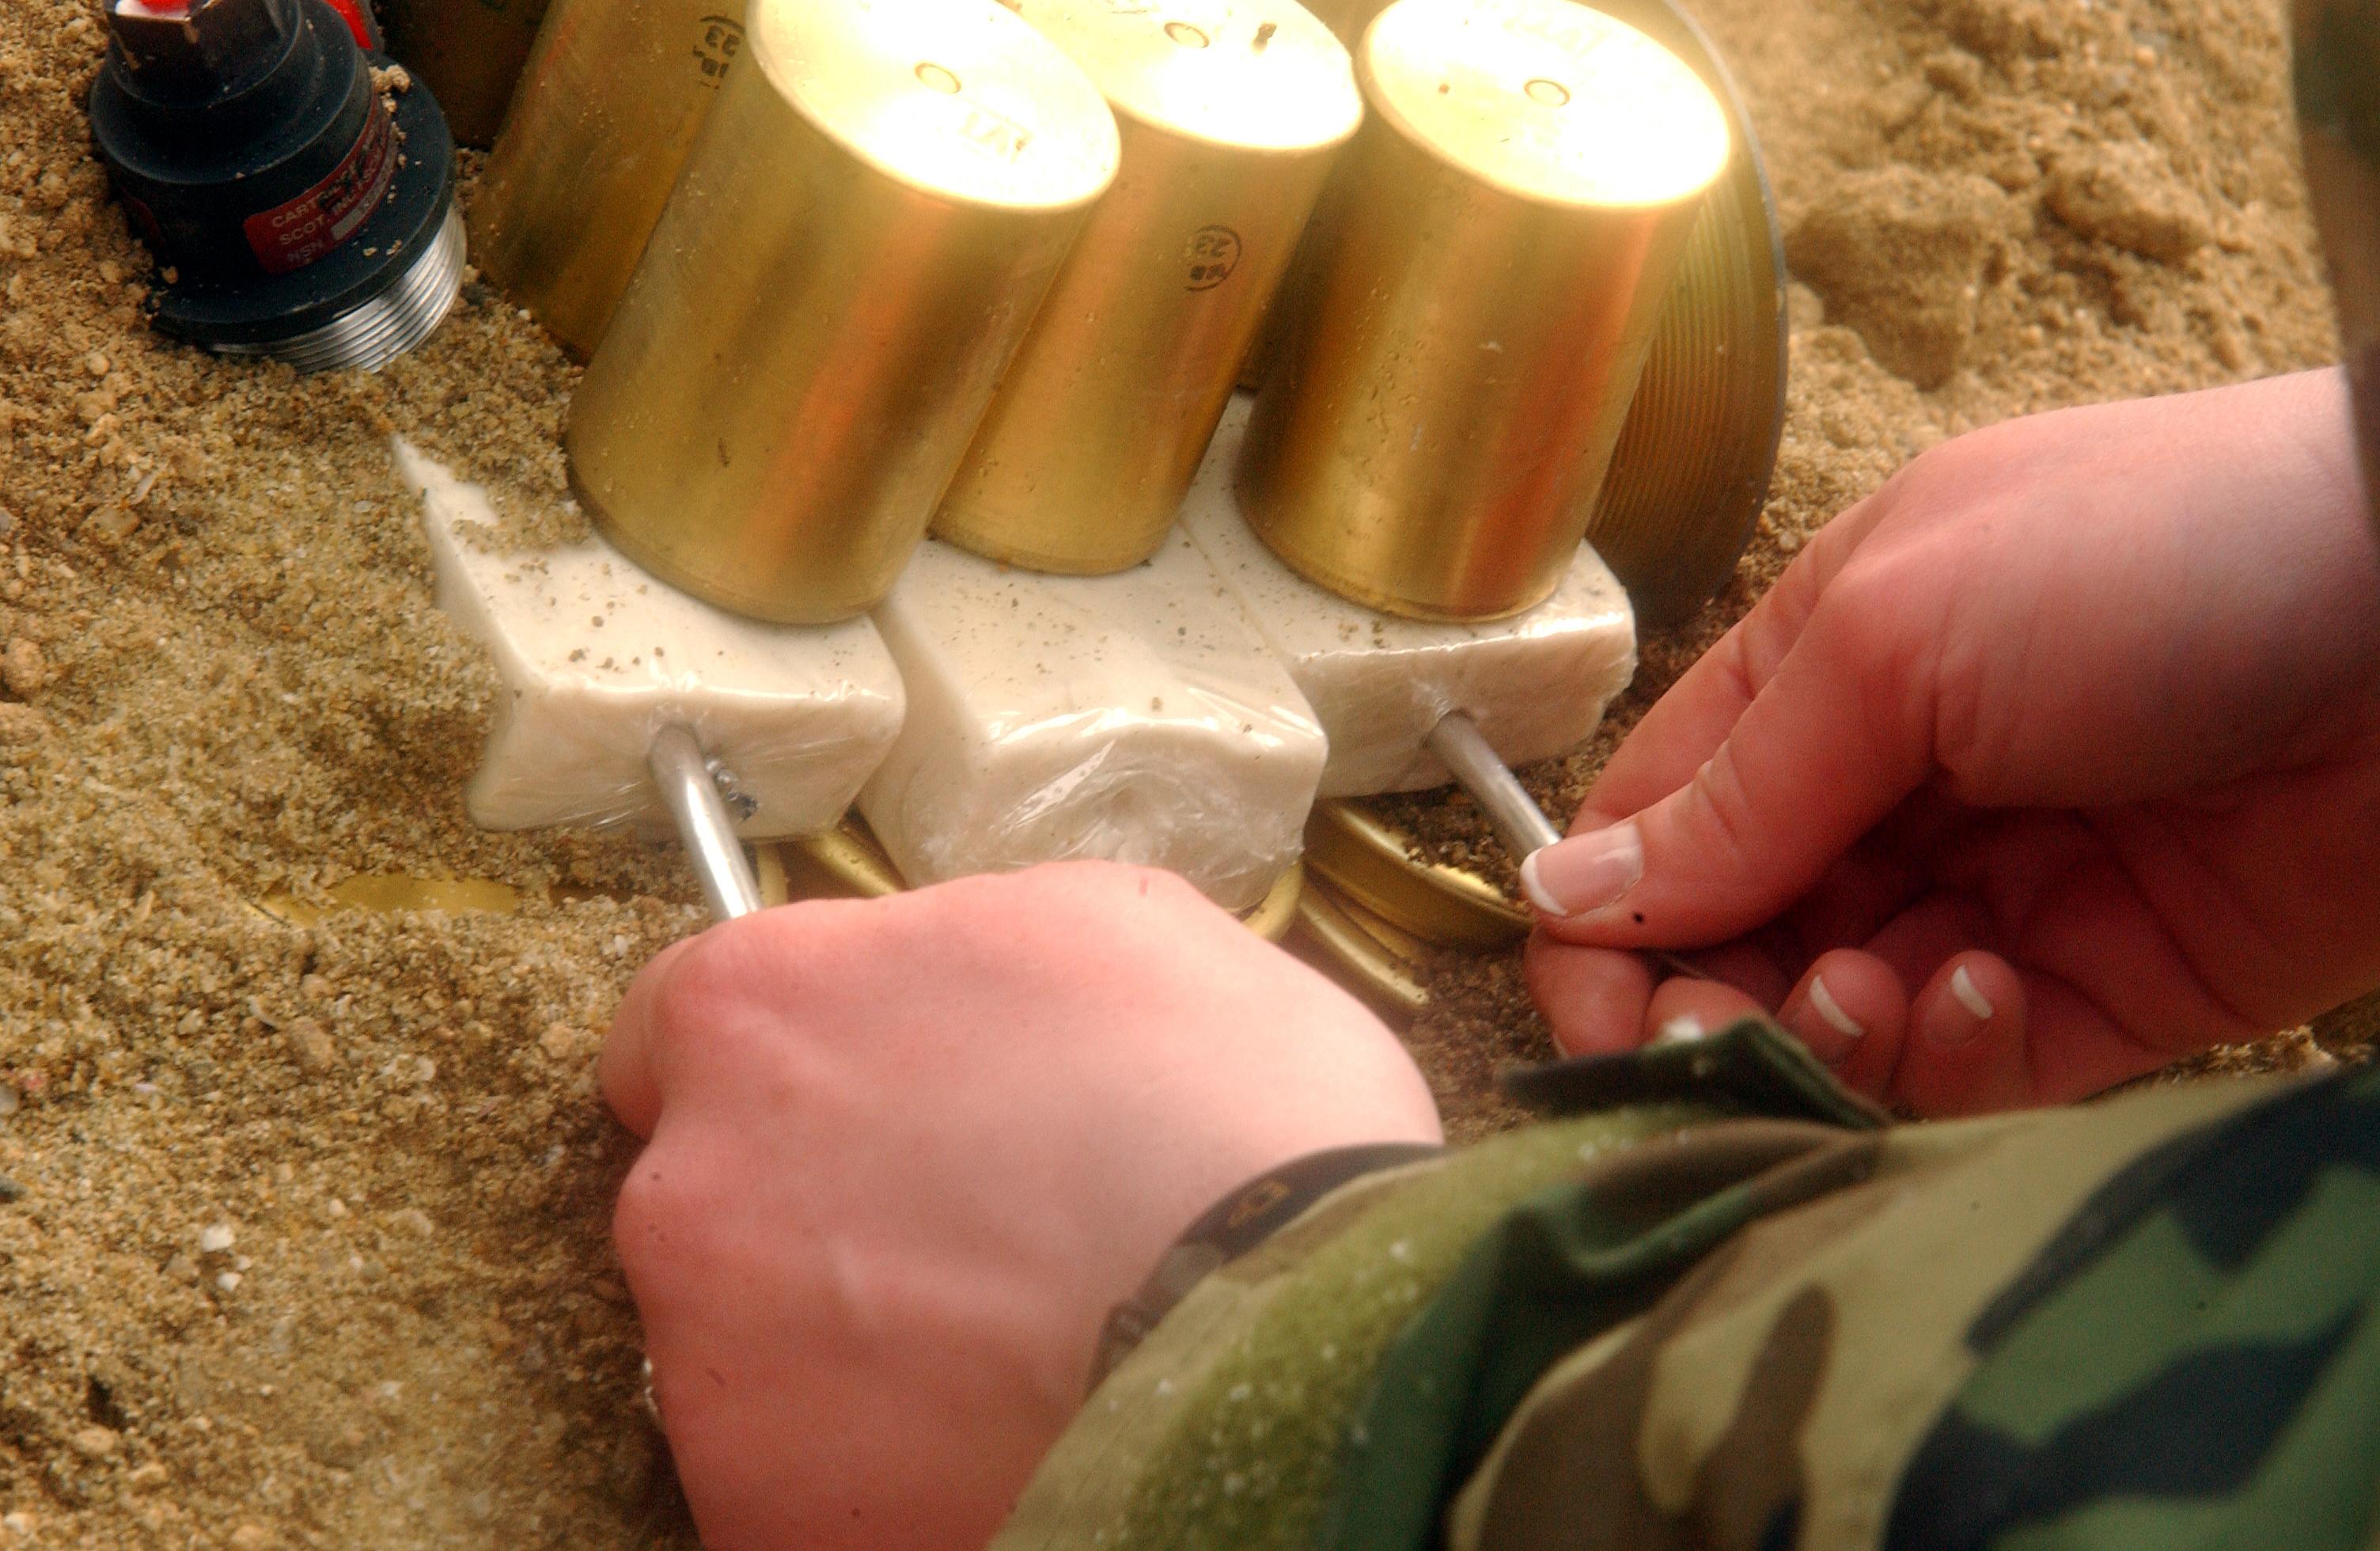 相關 詞 炸藥 製作 黃色炸藥 拿破崙 炸藥 炸藥 製造 方法 c4 炸藥 tnt 炸藥 炸藥 成分 炸藥 製作 配方 無聲